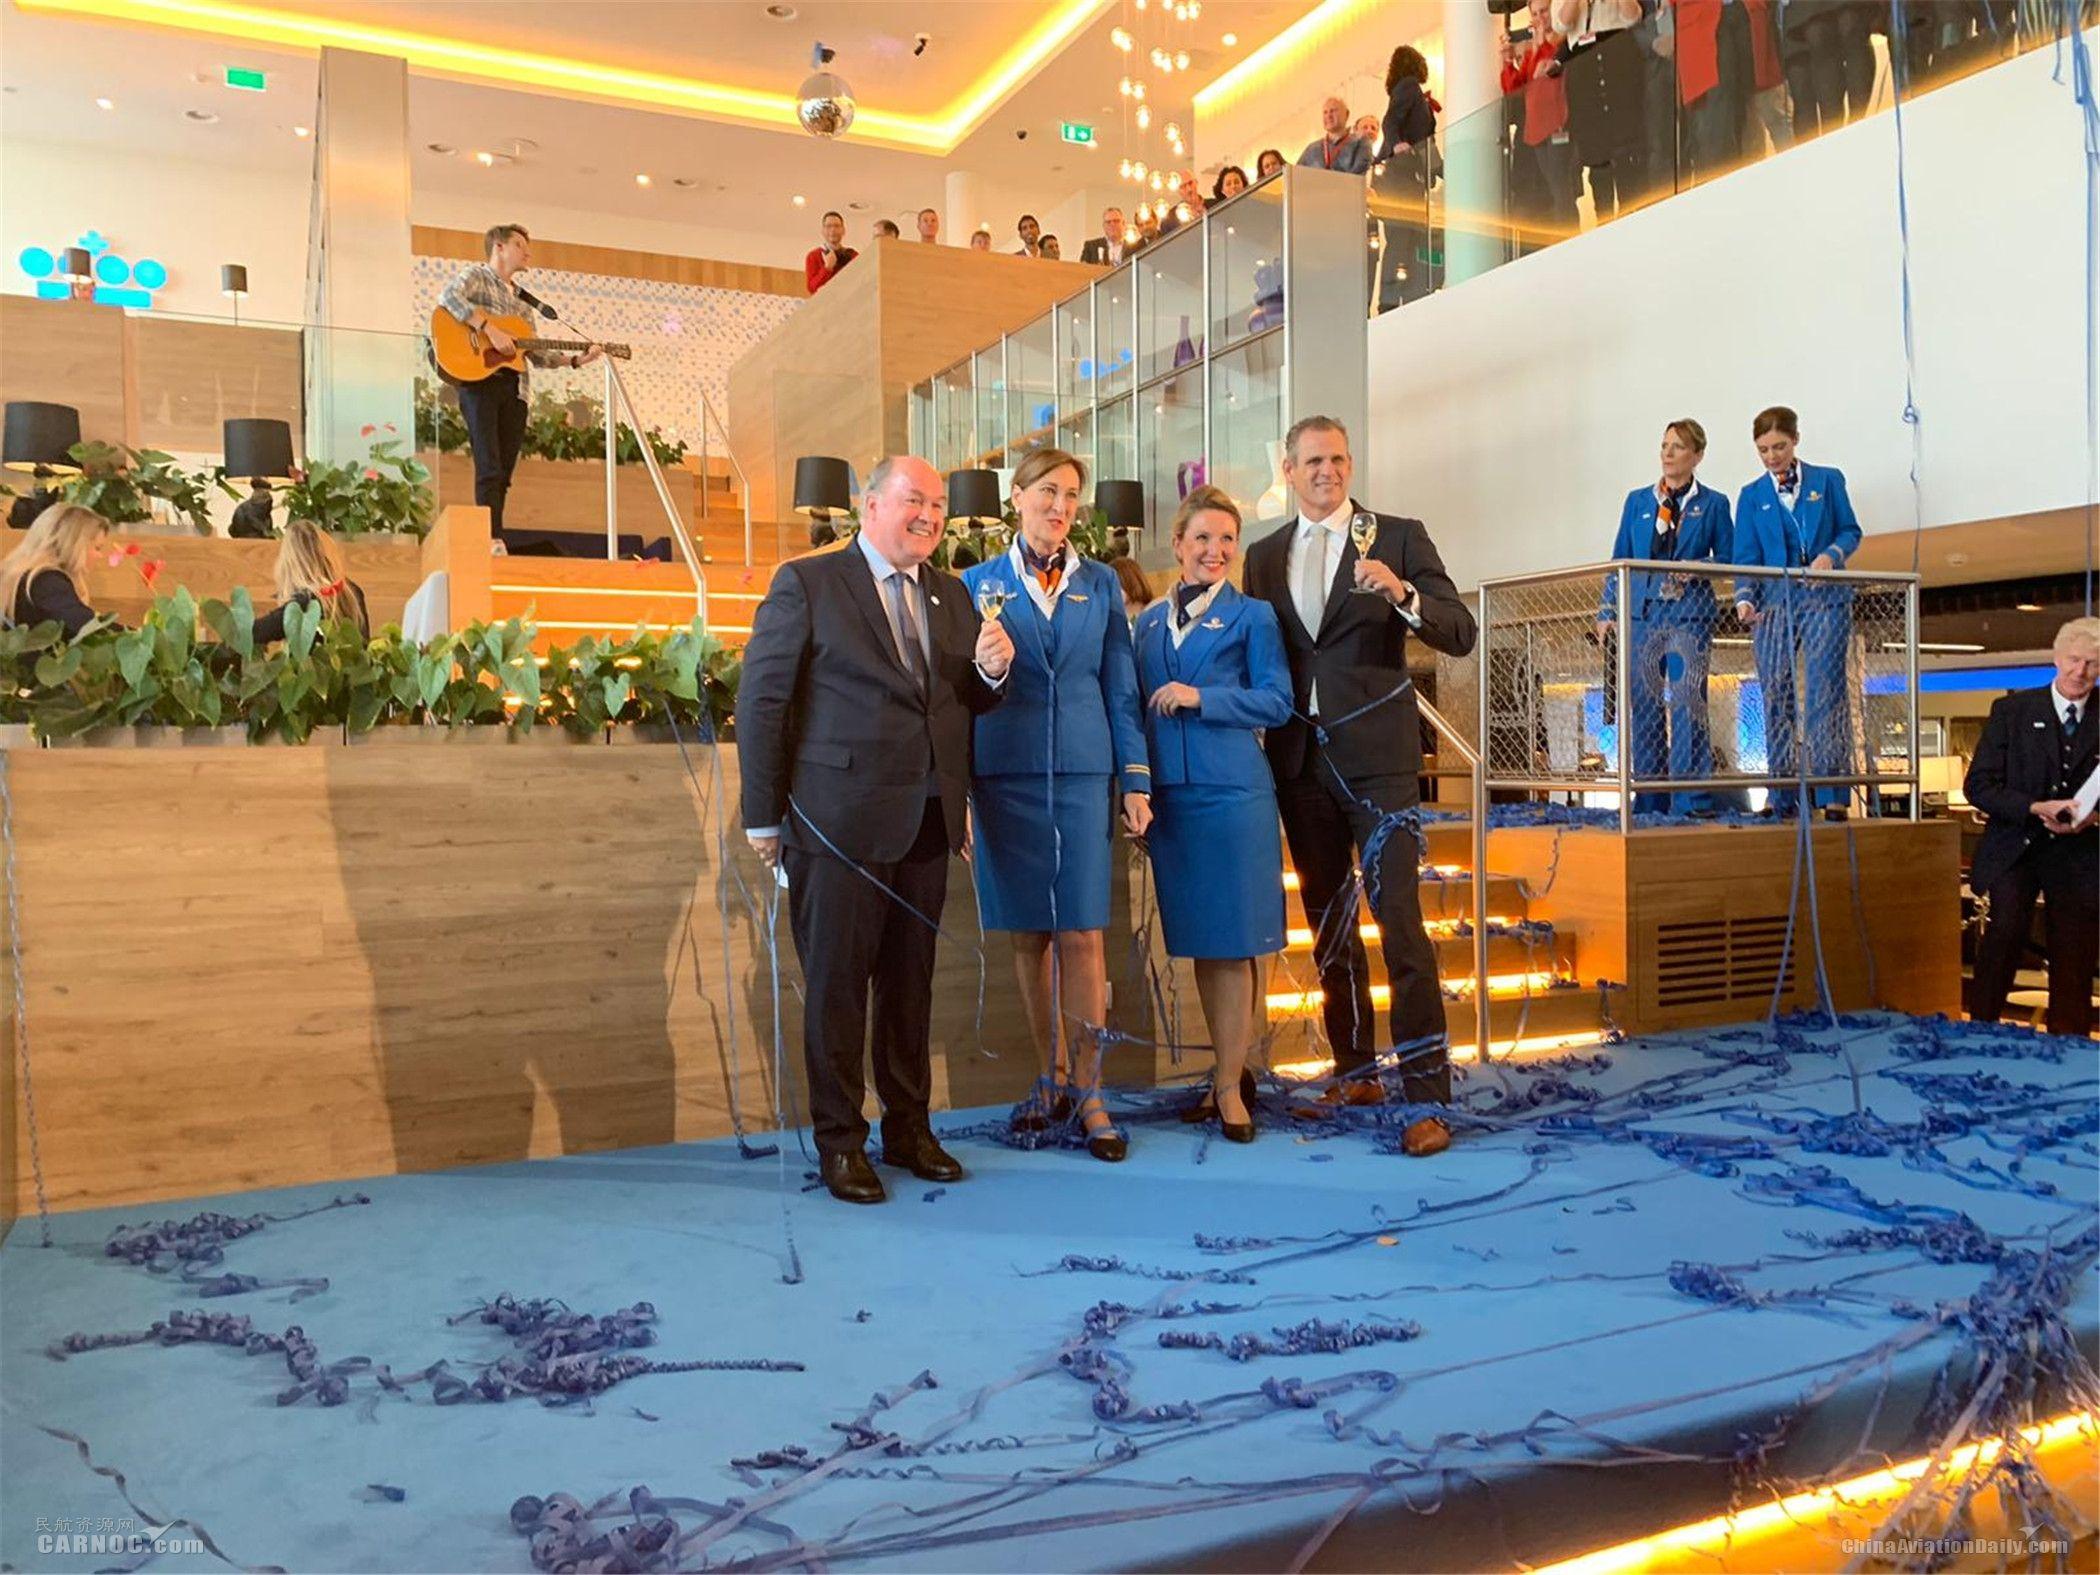 荷航非申根区皇冠贵宾厅正式开业